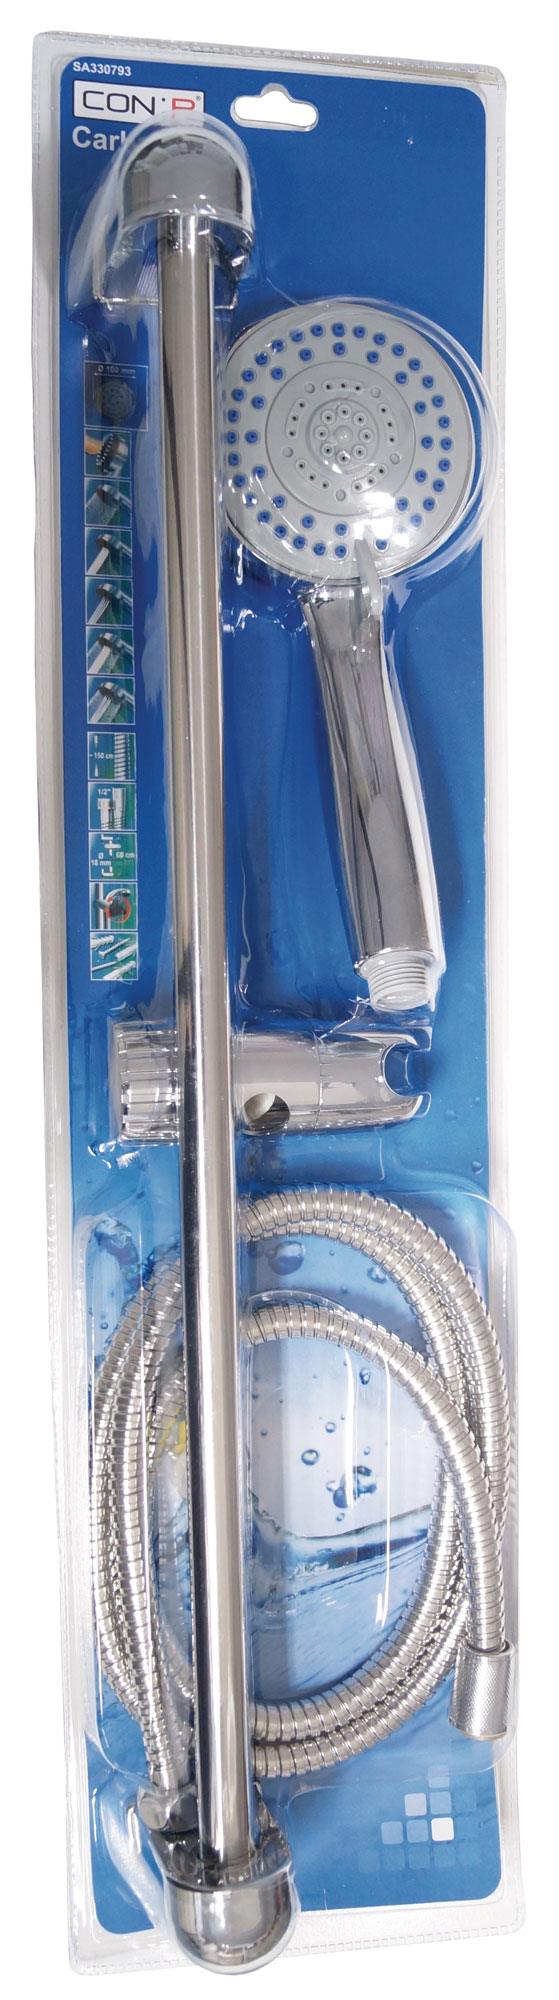 CON:P Duschset CARBALLO Brause-Garnitur 100mm mit Anti-Kalk-Funktion Bild 2